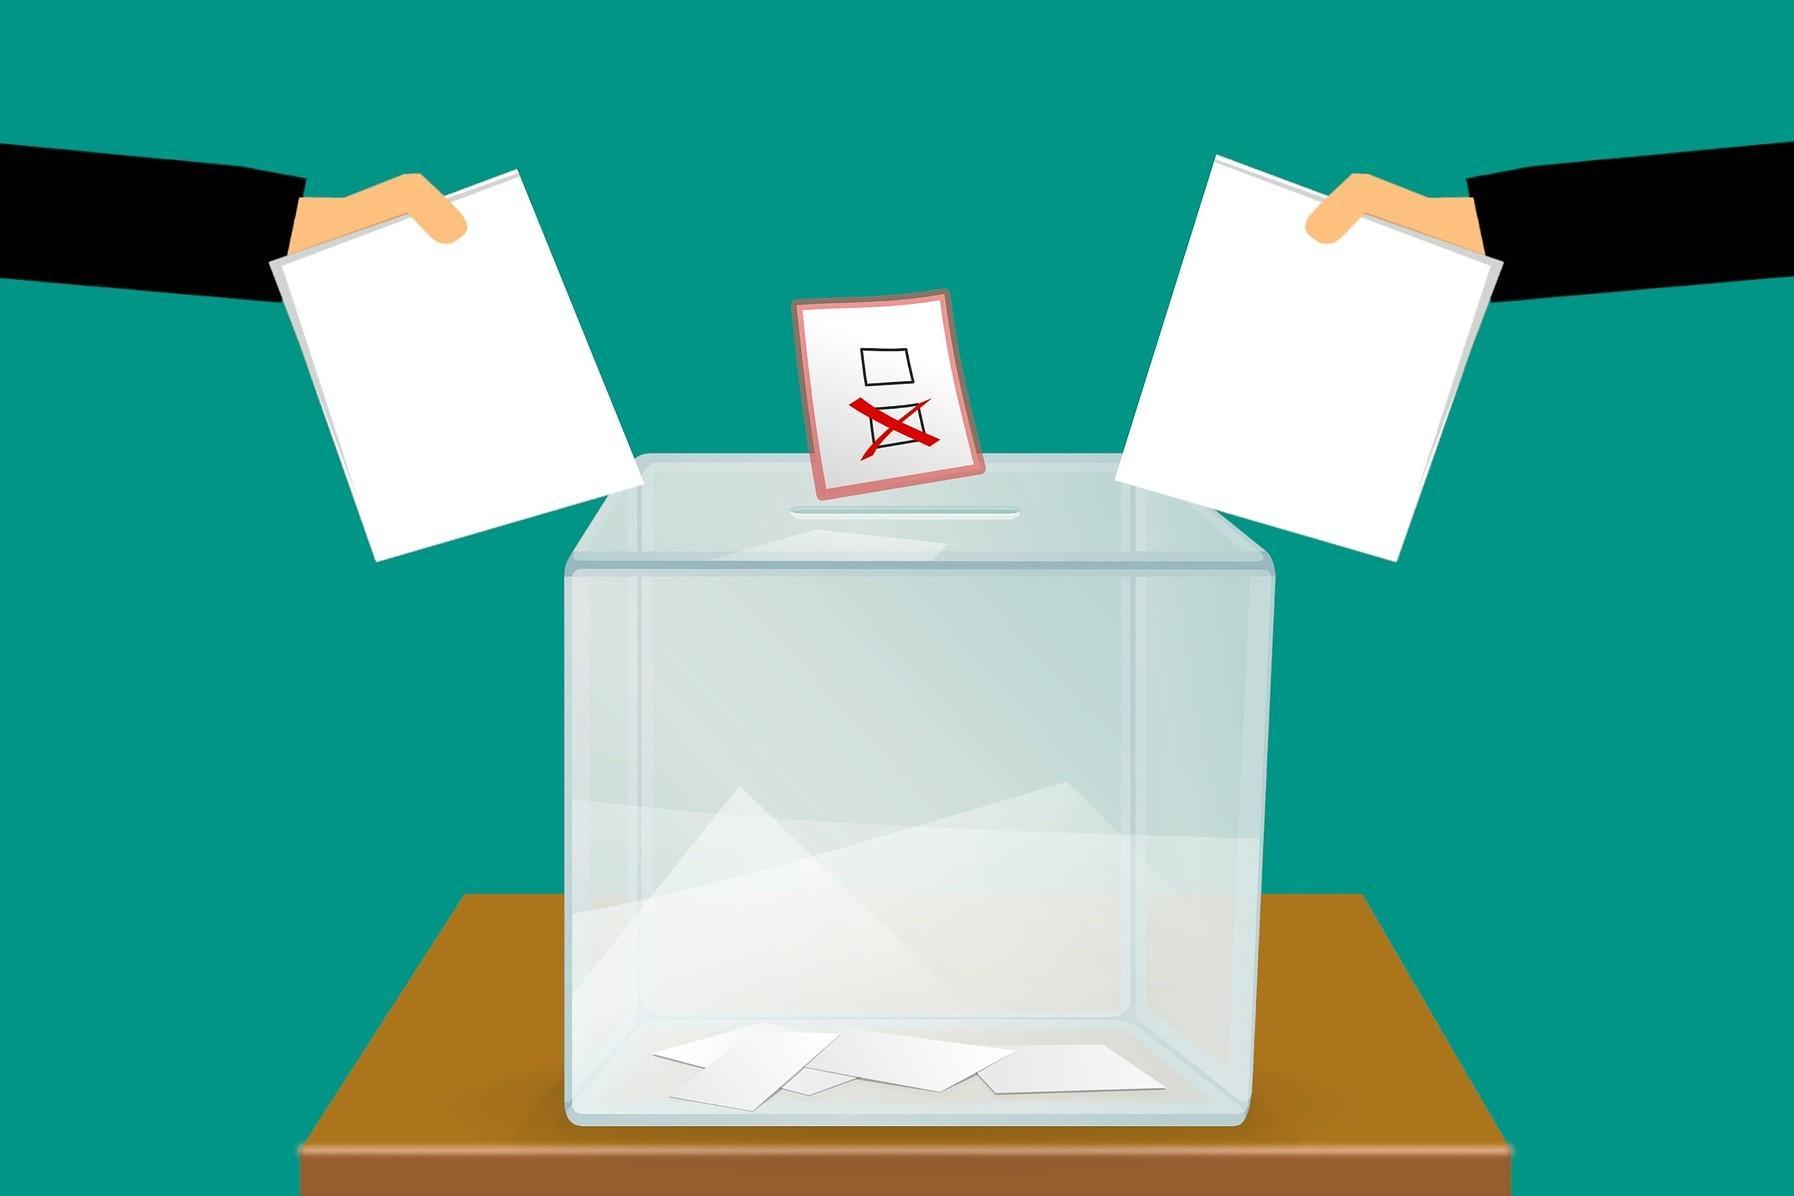 Stimmzettelabgabe, Quelle: Bild von mohamed Hassan auf Pixabay